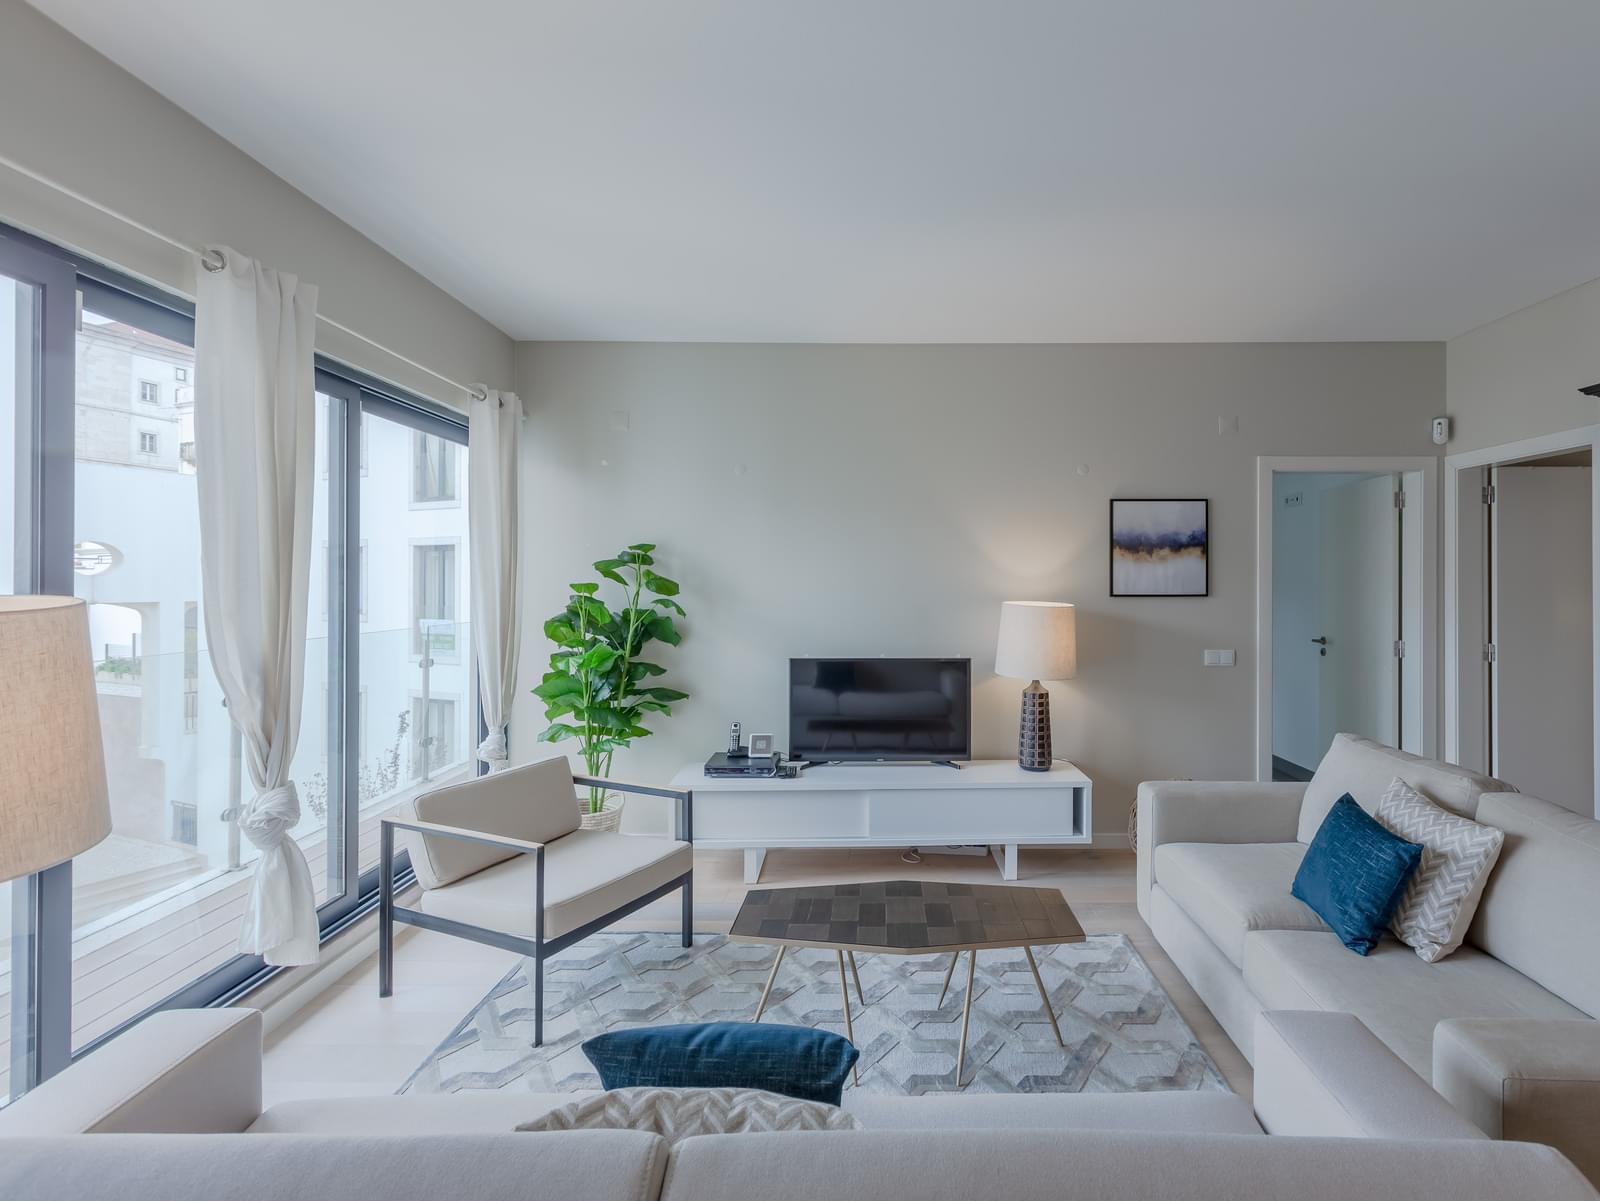 pf18160-apartamento-t2-lisboa-2f975521-f795-4ffc-a9f3-de998f7128a9